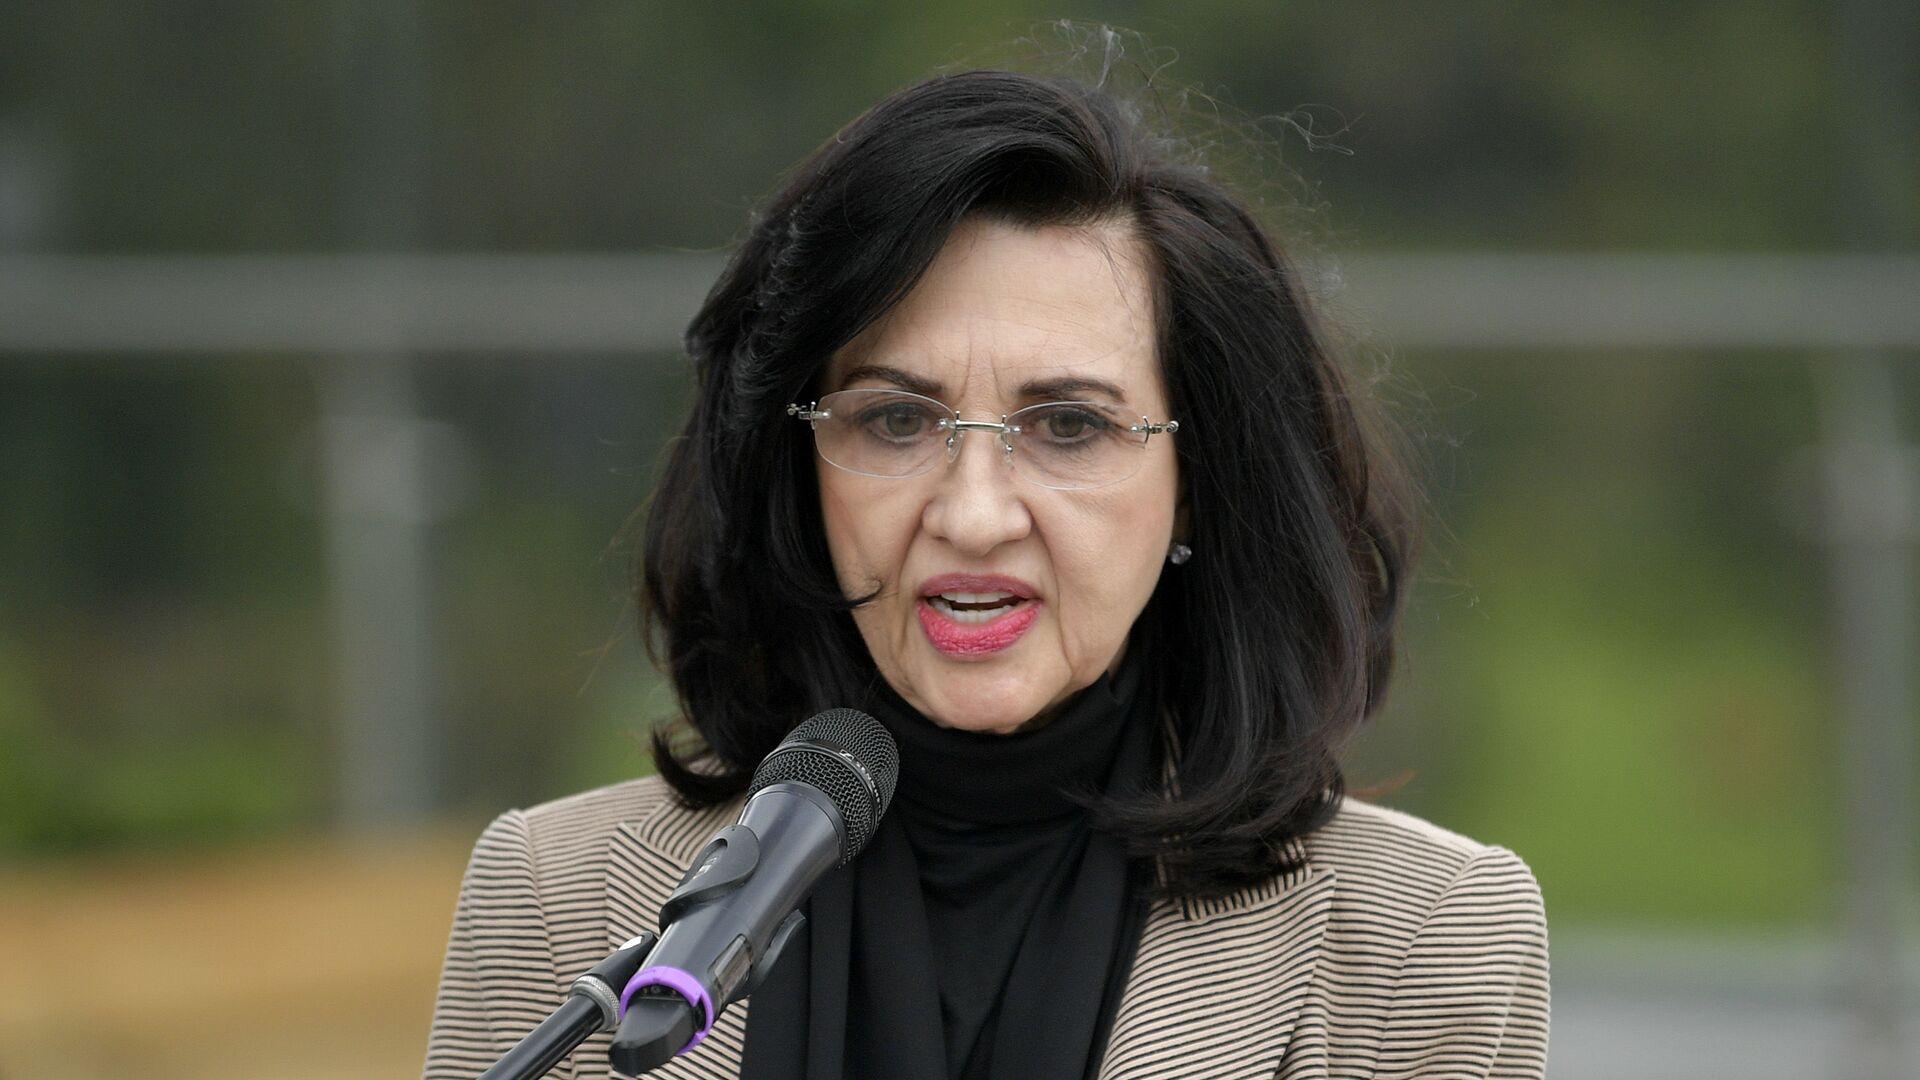 Claudia Blum, canciller de Colombia - Sputnik Mundo, 1920, 22.04.2021